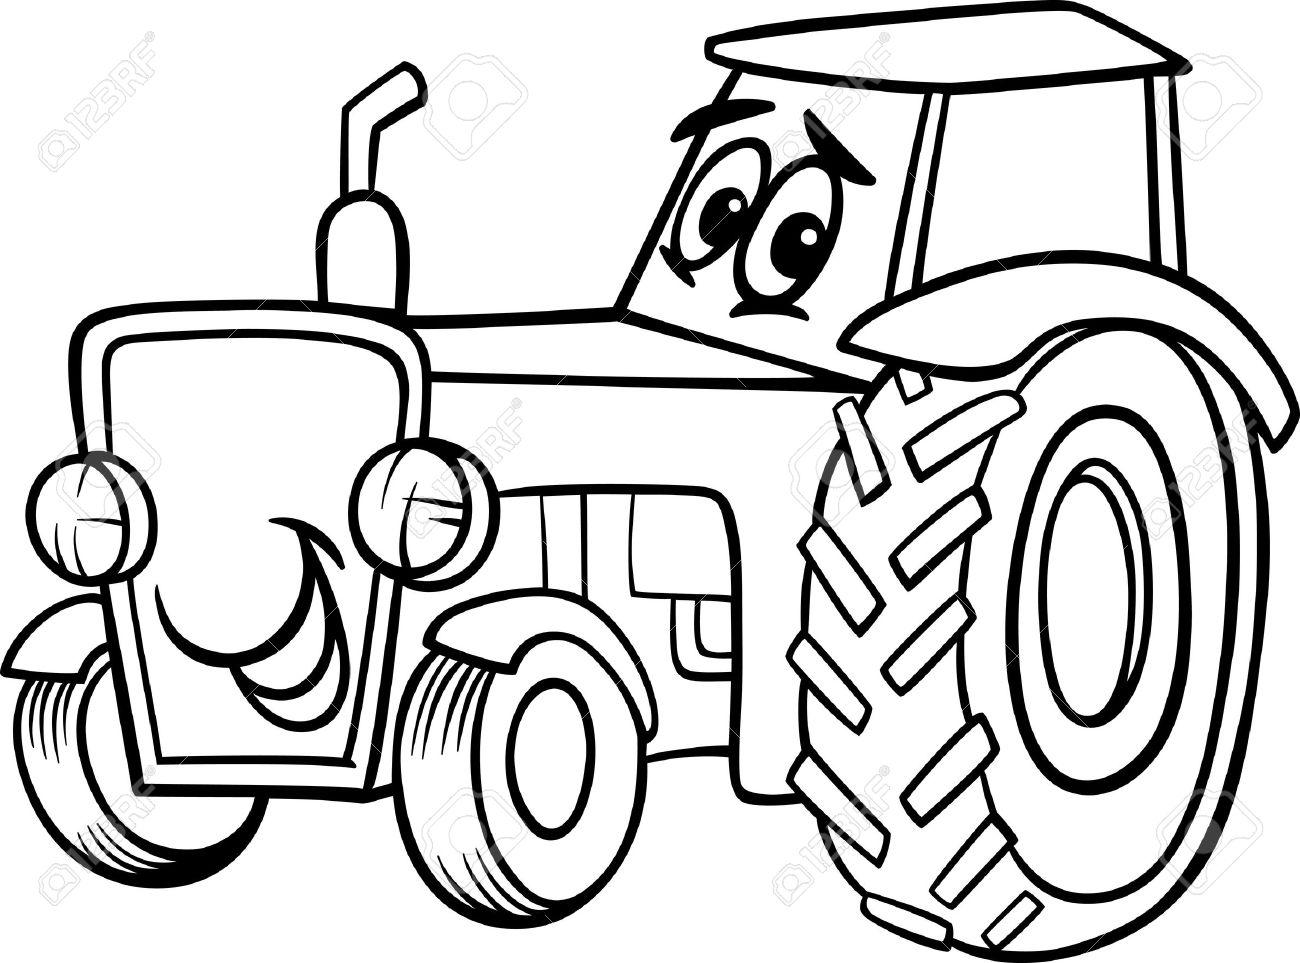 面白いファーム トラクター車漫画のマスコット キャラクターの塗り絵を